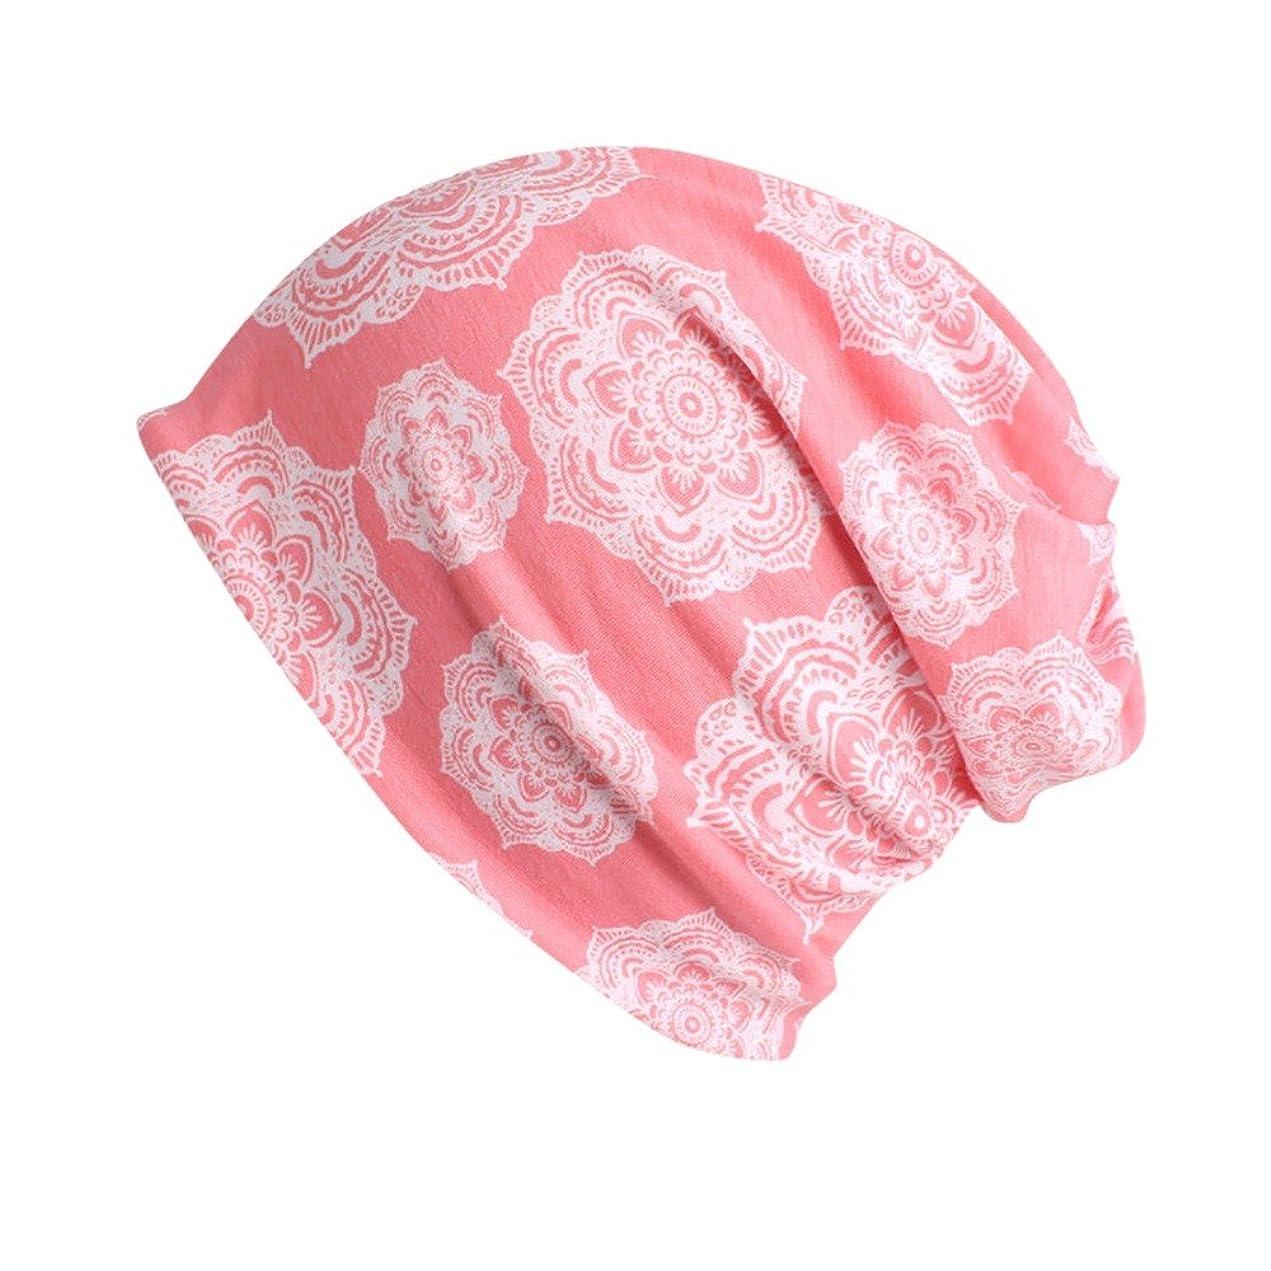 マイクロフォンサーバ色ヘッドスカーフ バンダナ帽子 Timsa レディース スカーフキャップ 花柄 夏用帽子 イスラム教徒 フヘッドバンド スカーフ ヒジャブ 山の日 海の日 サイクリング ヘルメット自転車 野外活動 抗紫外線 UVカット帽子 通気性 海賊タイプ インナーキャップ